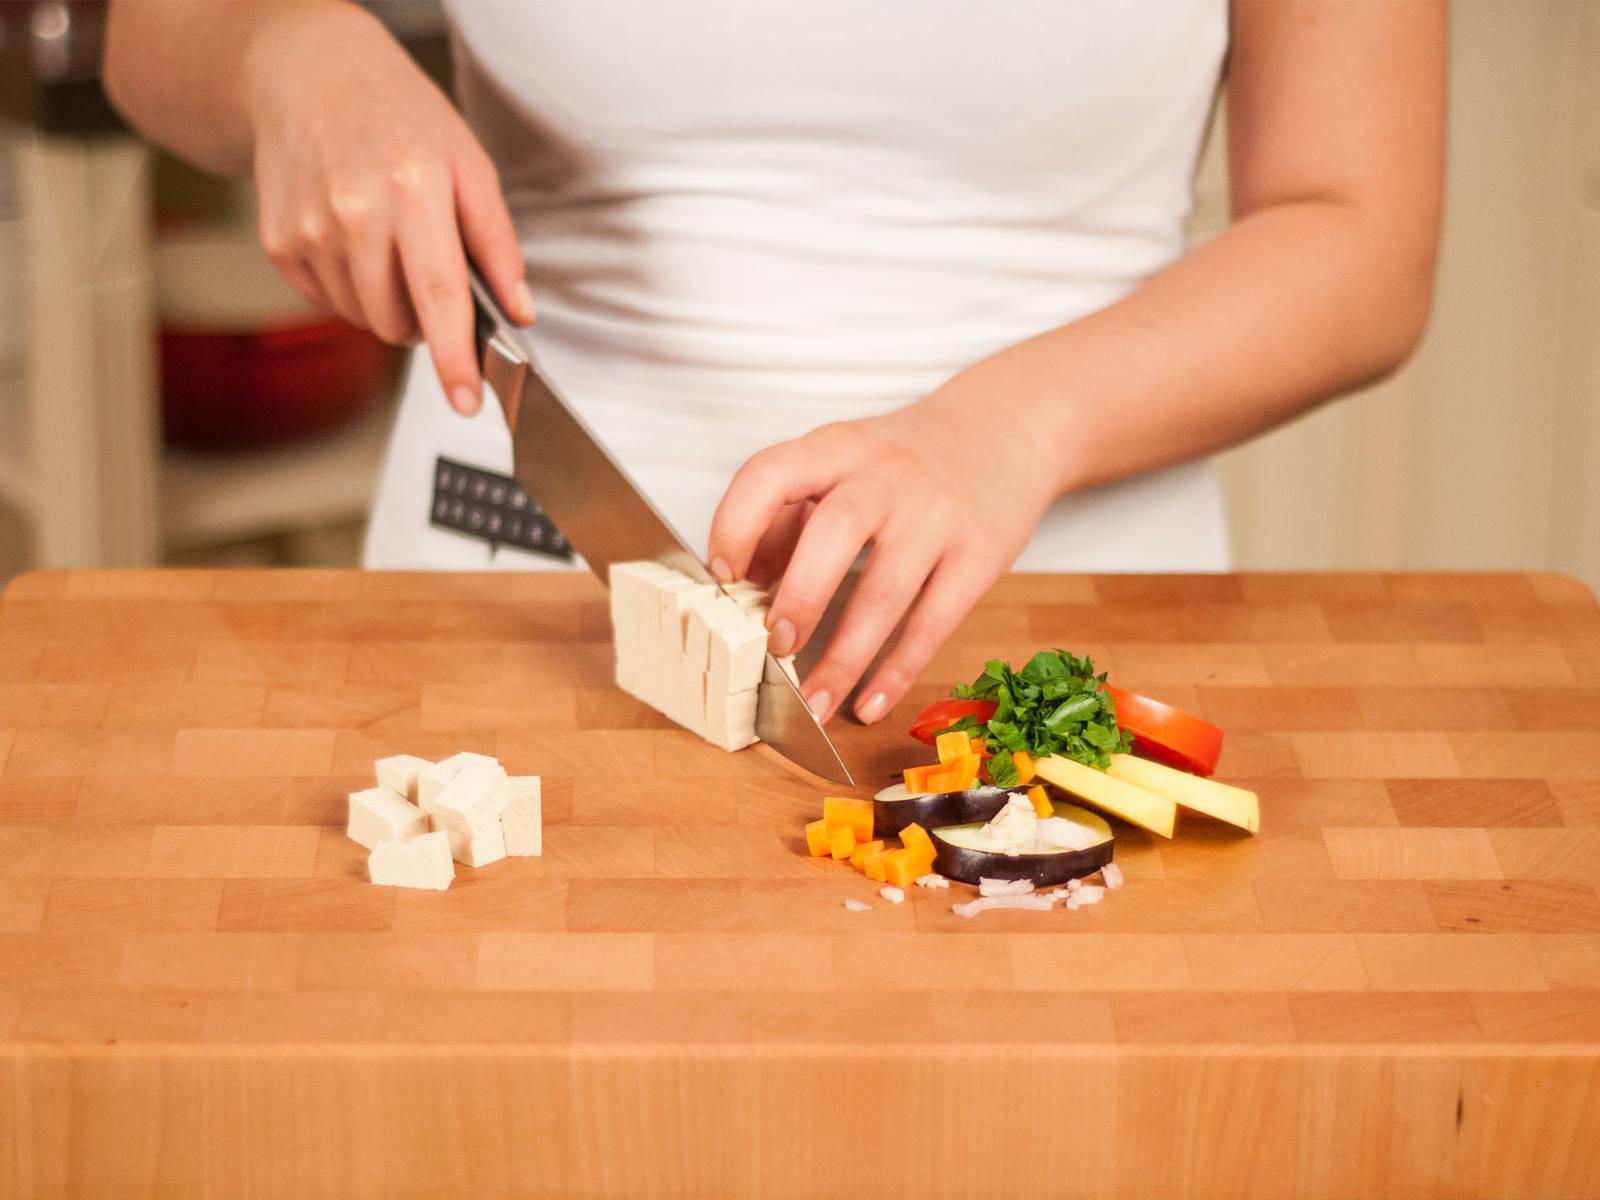 Kartoffeln, Aubergine und Tomaten in Scheiben schneiden. Schalotten und Karotte in kleine Würfel schneiden. Knoblauch fein und Petersilie grob hacken. Tofu klein würfeln.